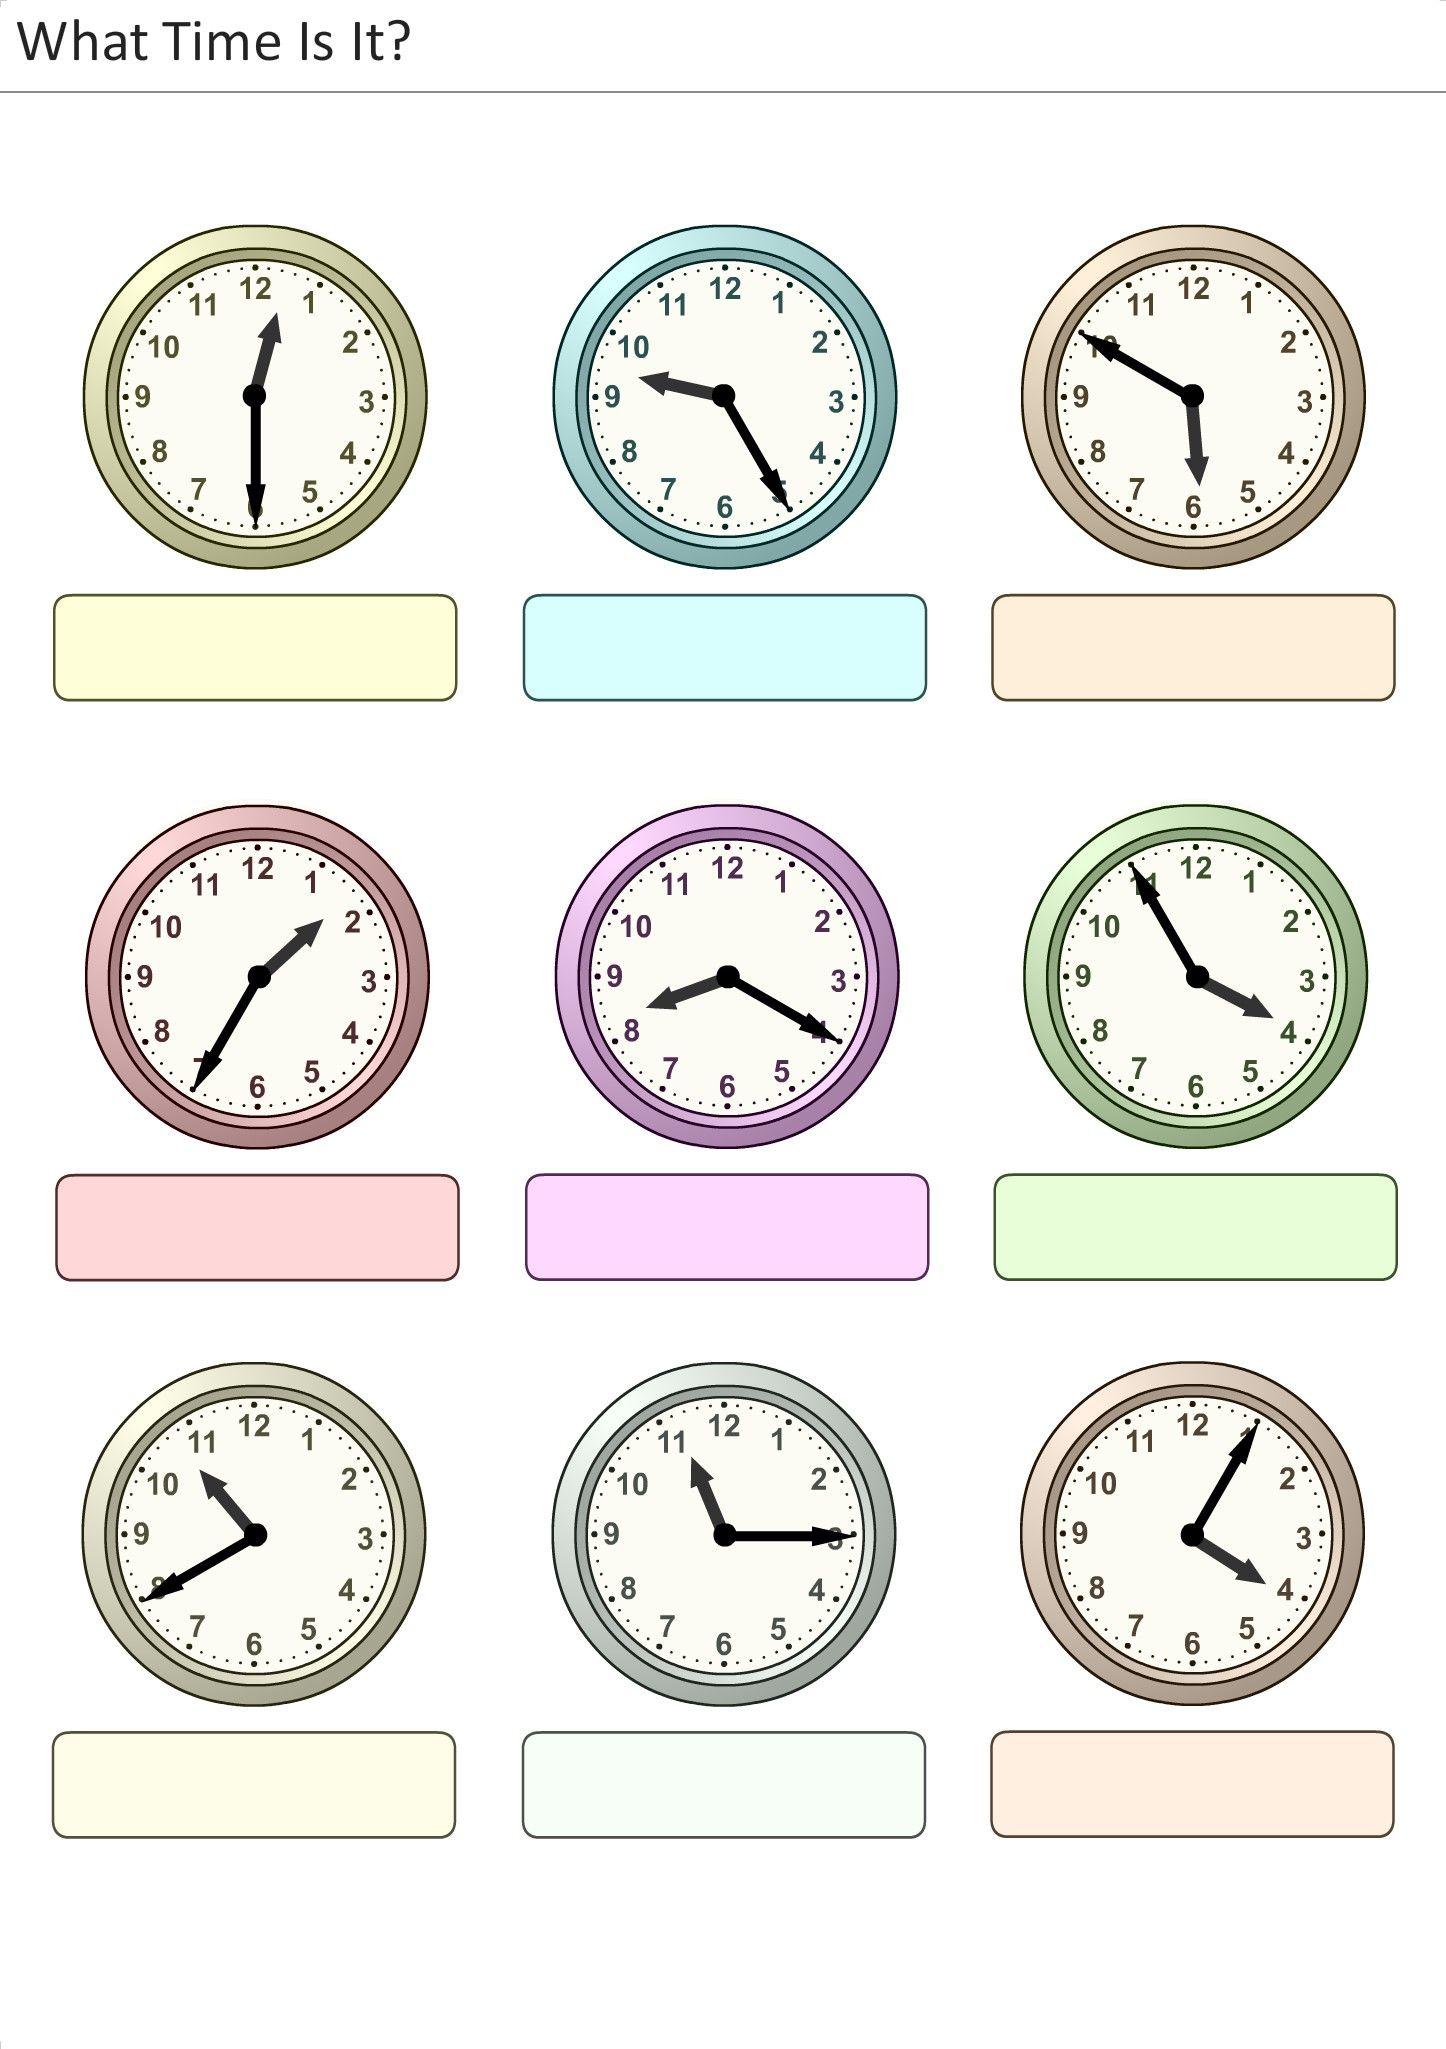 Actividades para niños preescolar, primaria e inicial. Plantillas con relojes analogicos para aprender la hora diciendo que hora es. Que hora es. 16